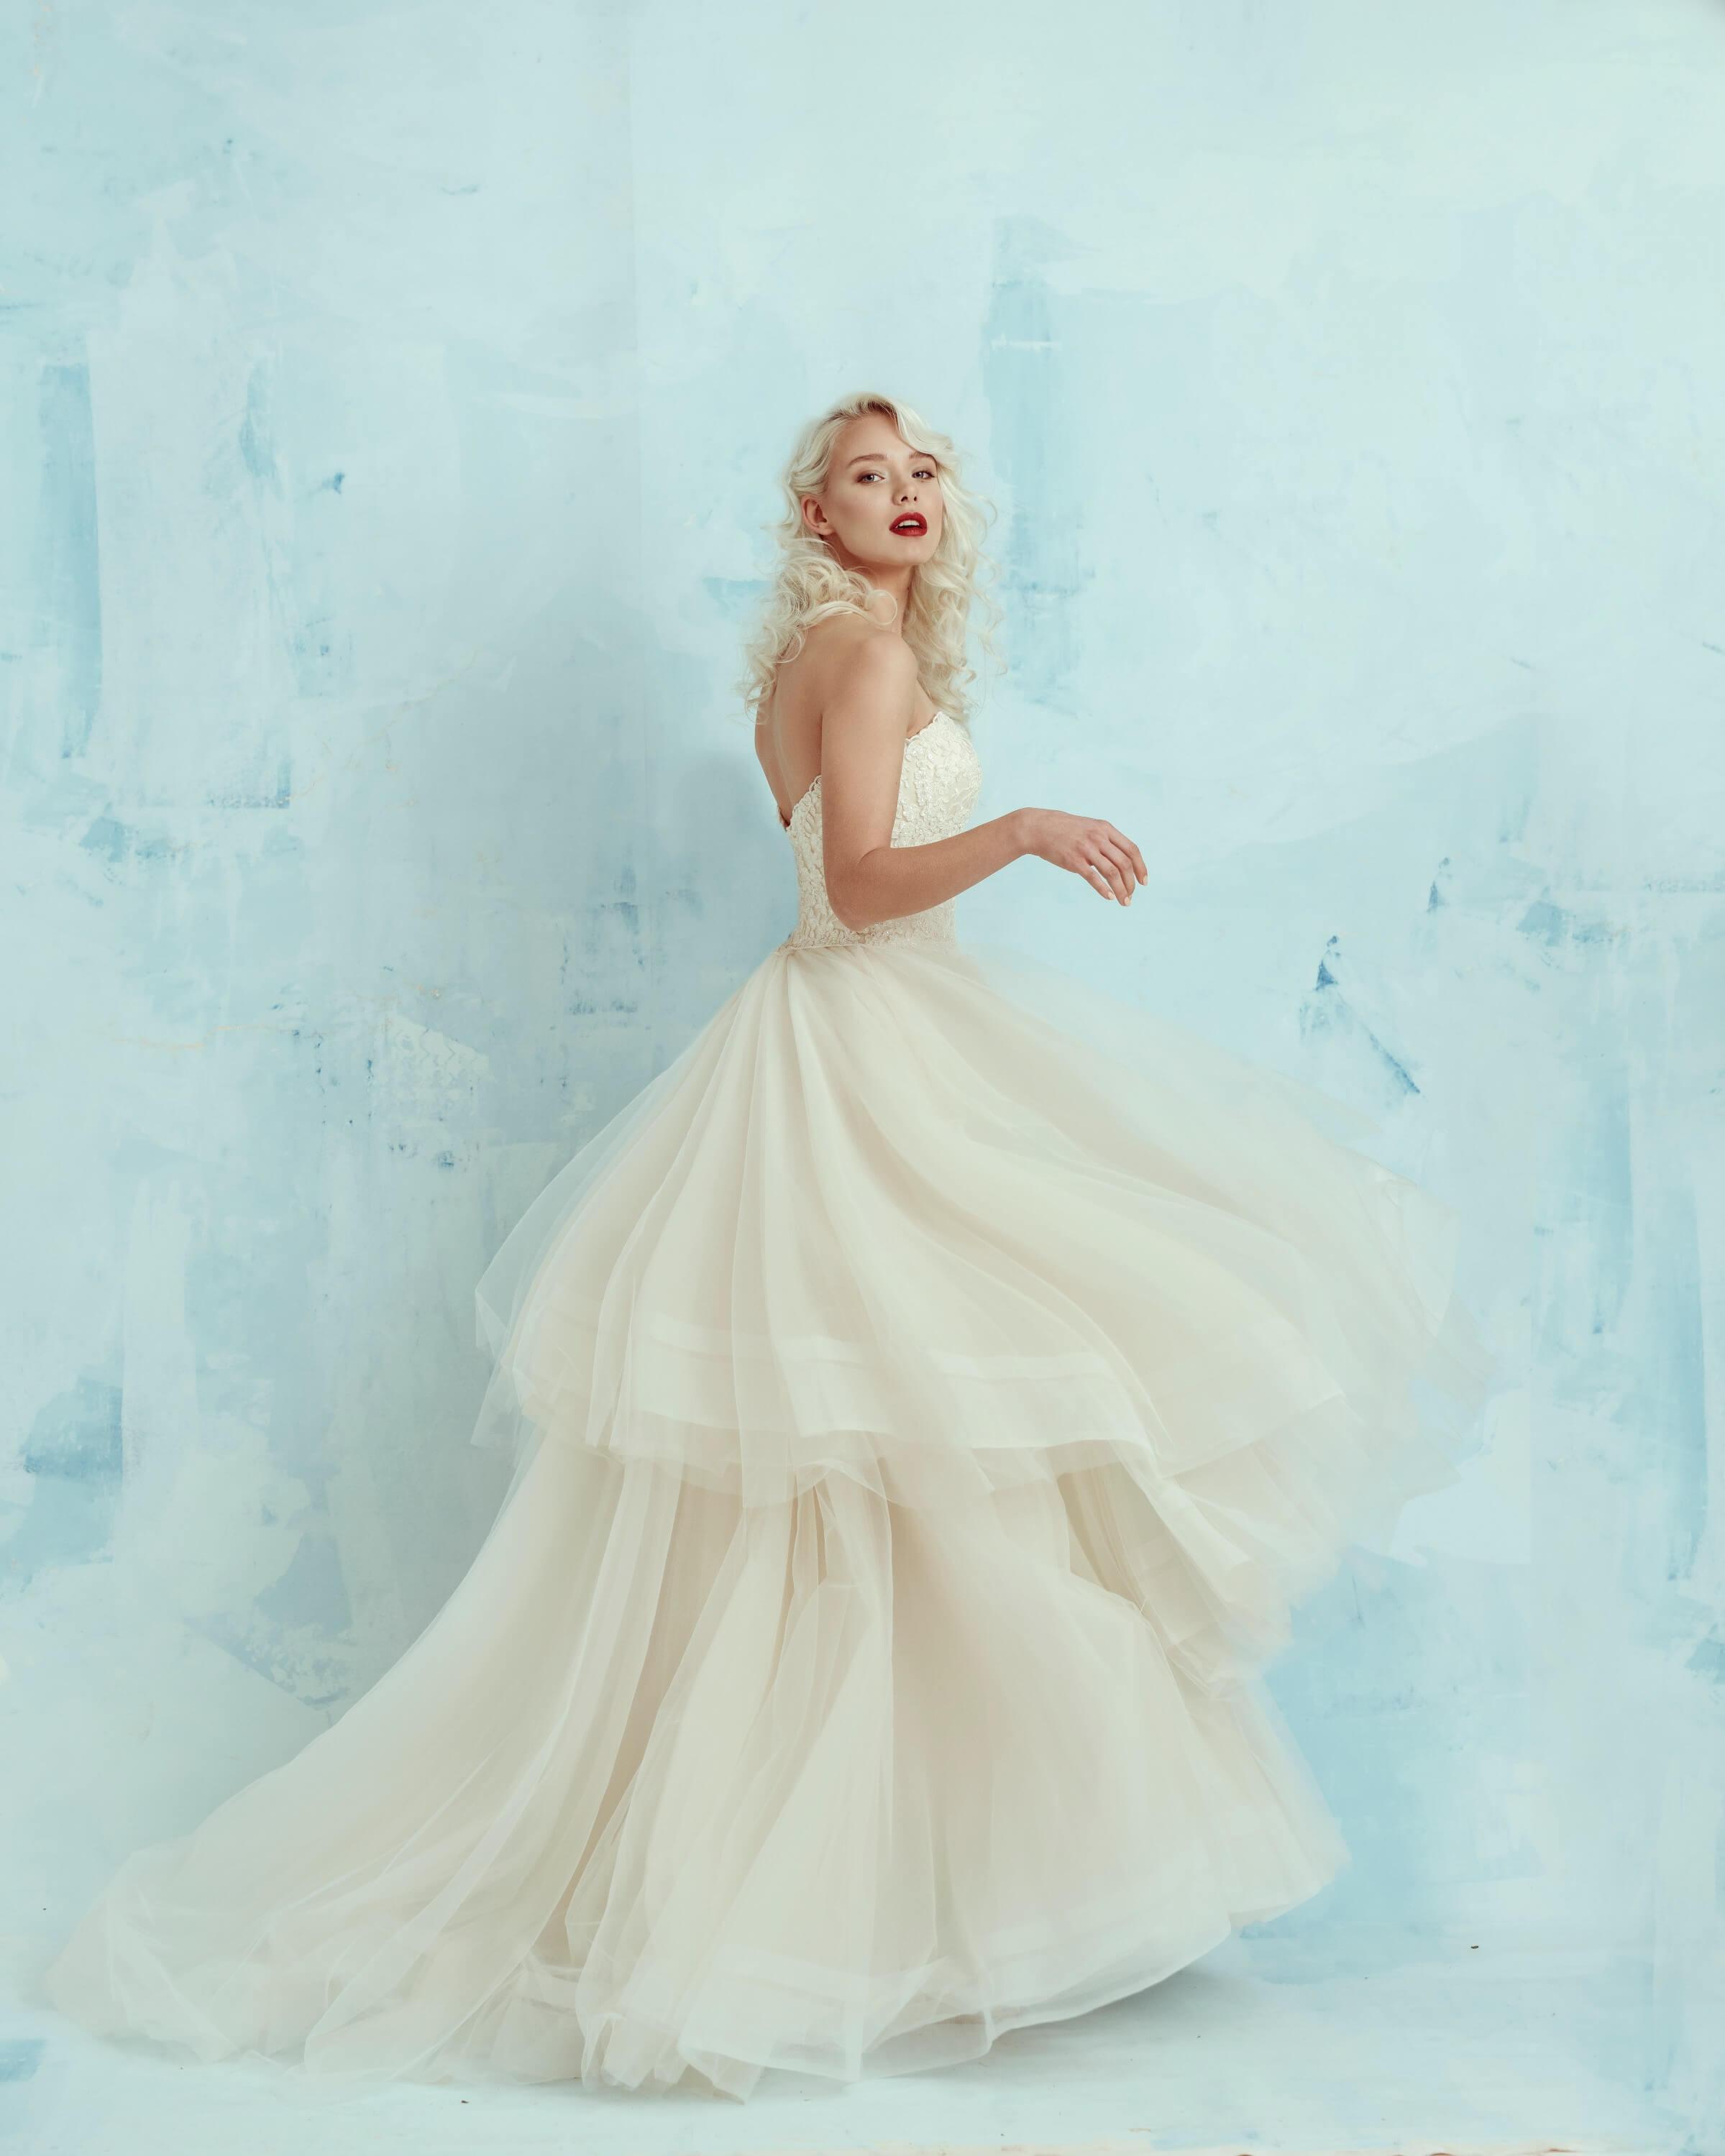 Vendita Abiti da Matrimonio Roma Prati – La Vie en Blanc